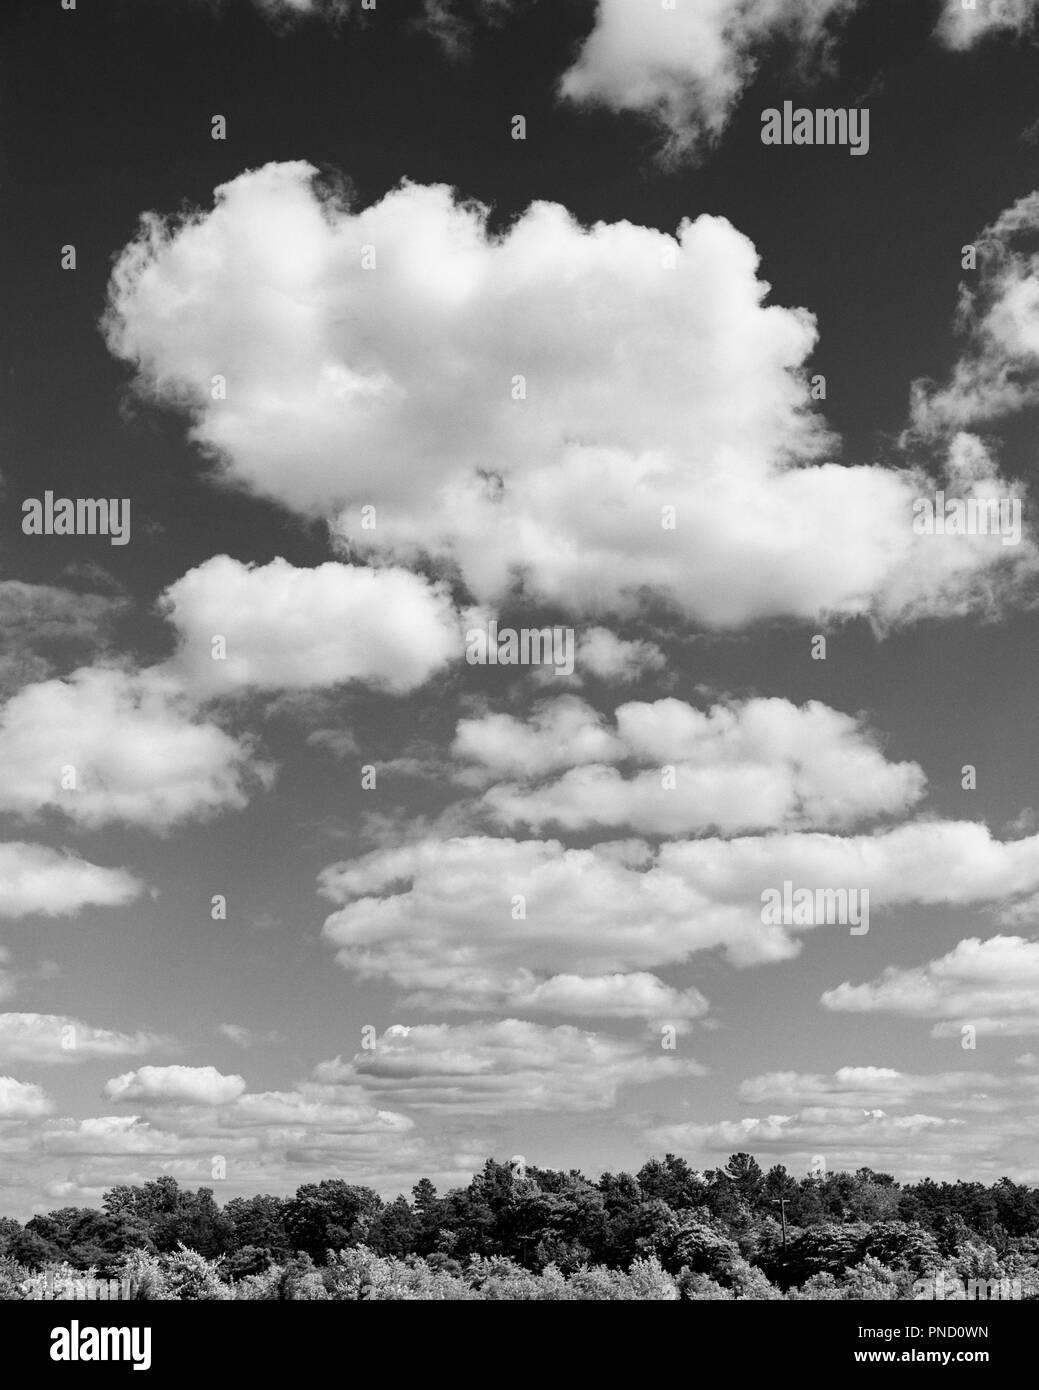 1980 PUFFY NUAGES DANS ciel au-dessus de la cime des arbres - c12334 KRU001 NOIR ET BLANC HARS Photo Stock